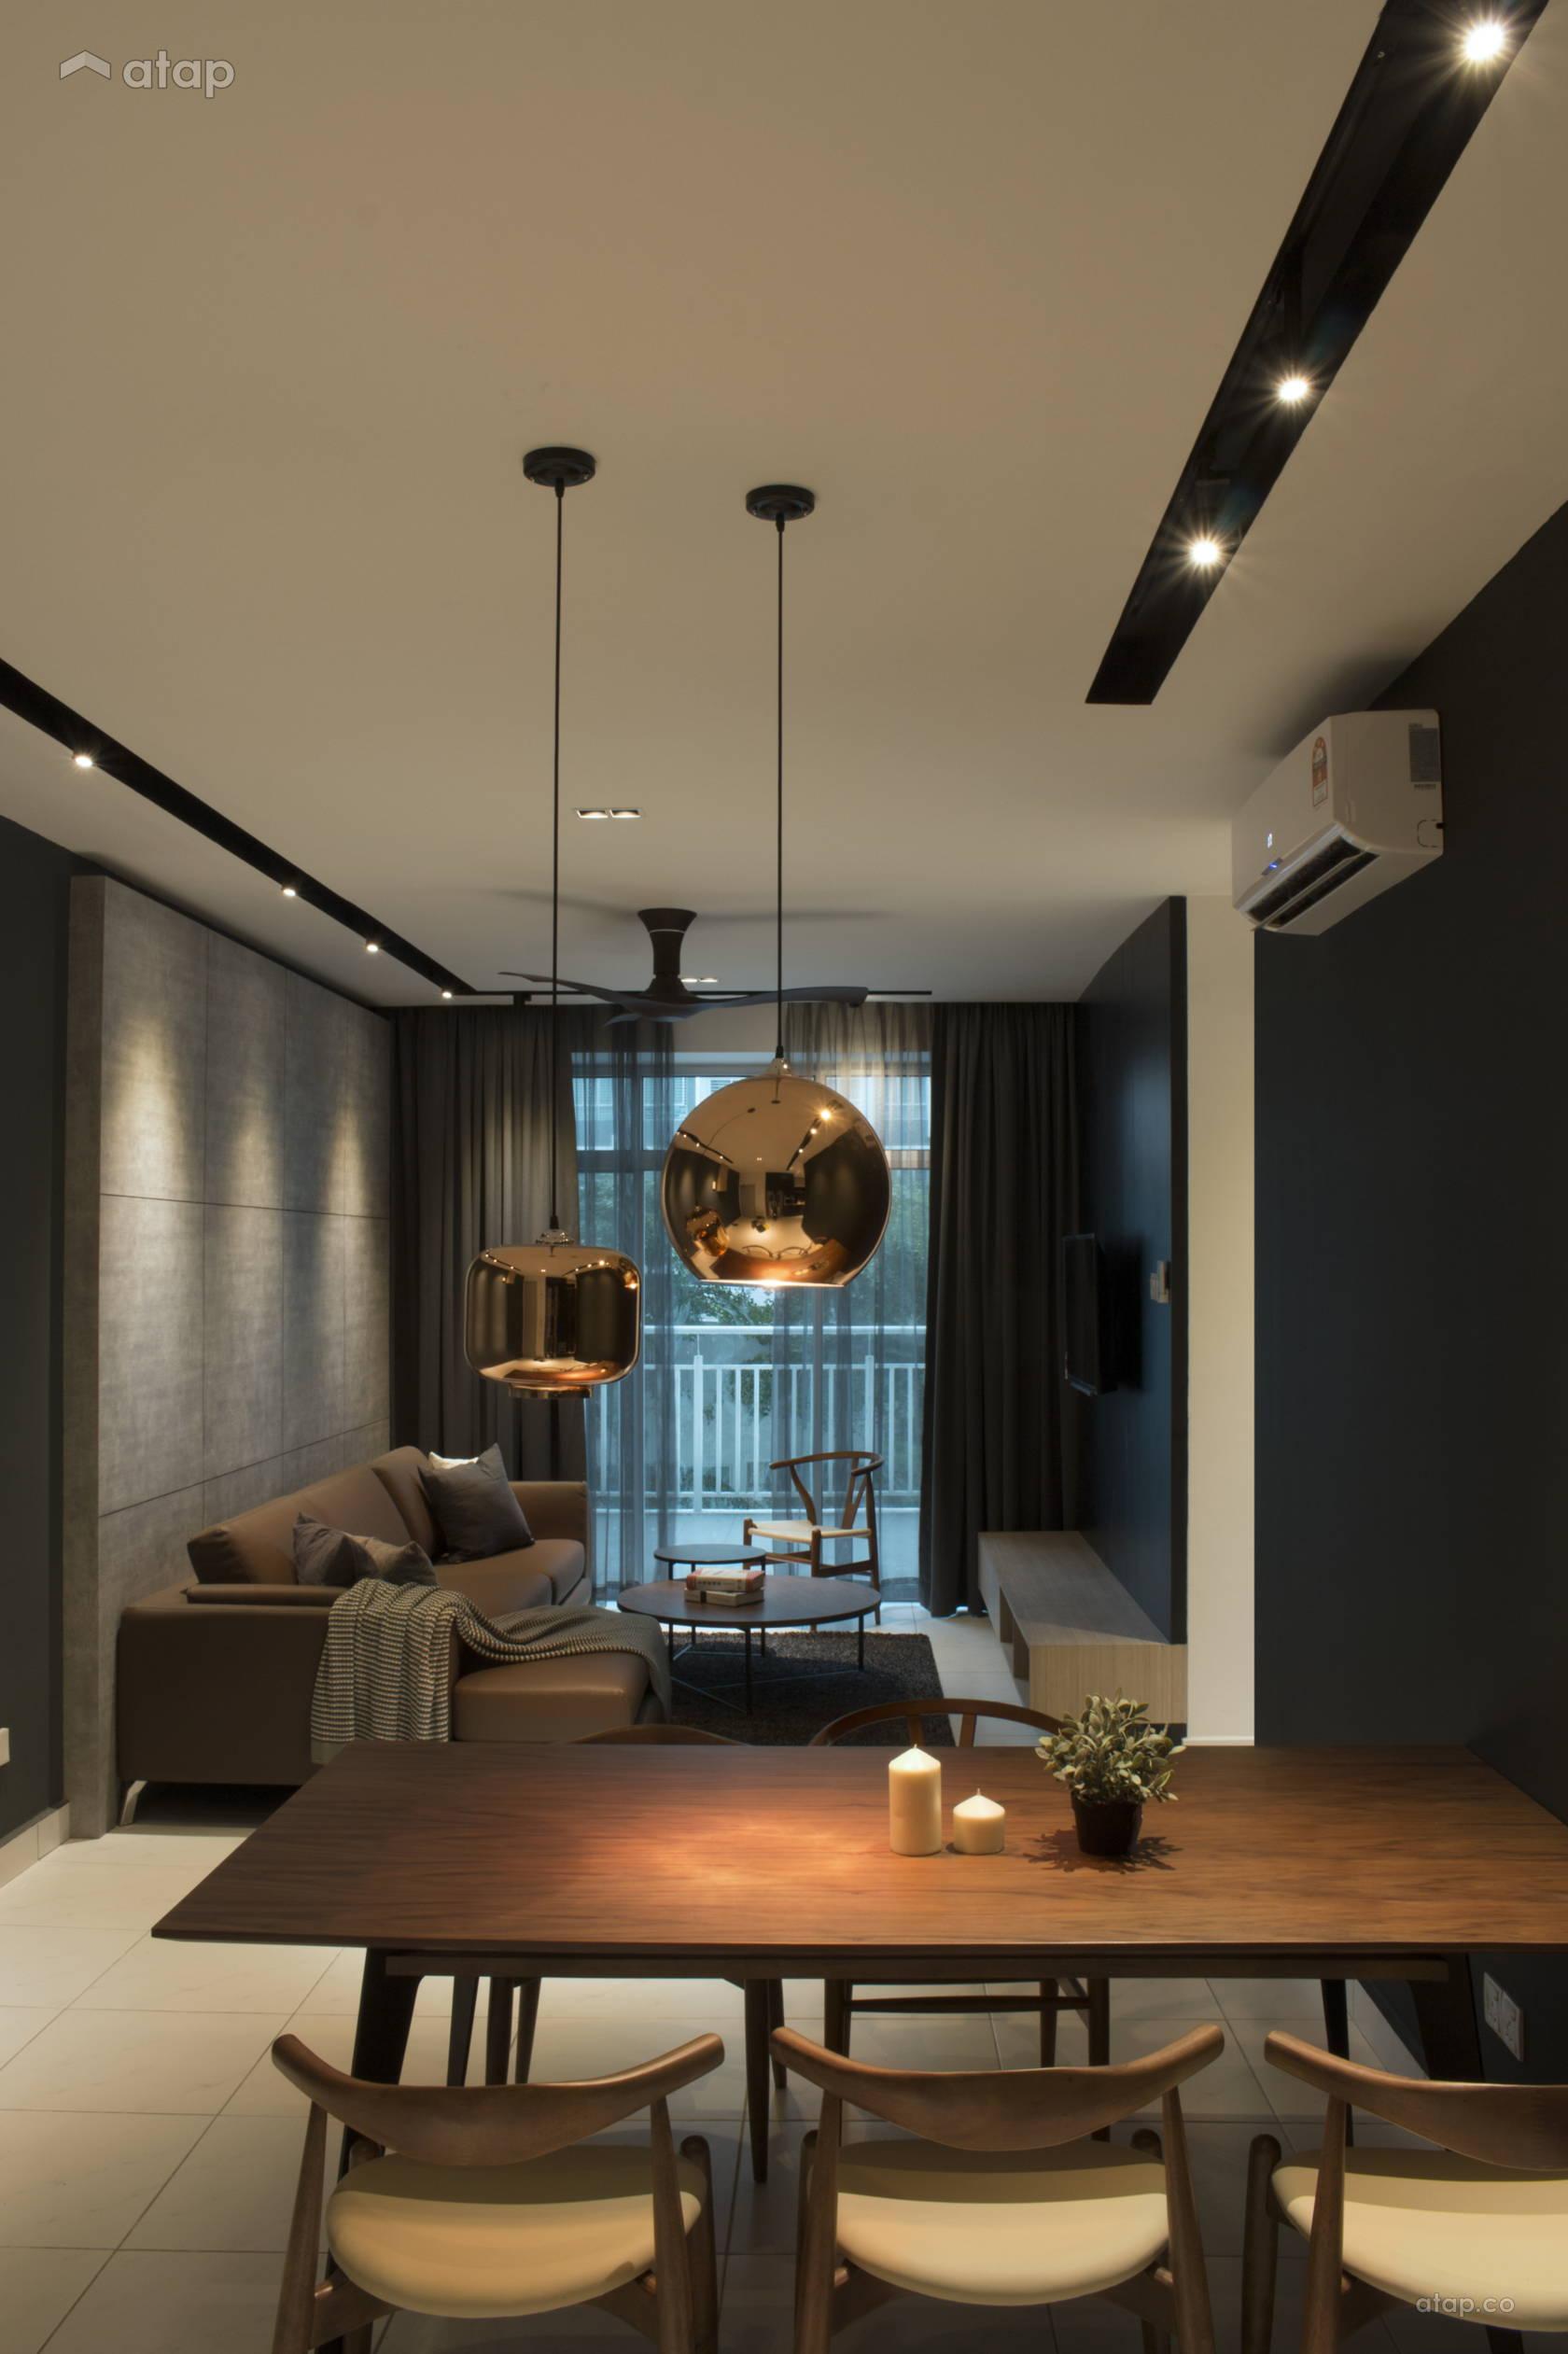 Living Room Condo Design: Contemporary Dining Room Living Room Condominium Design